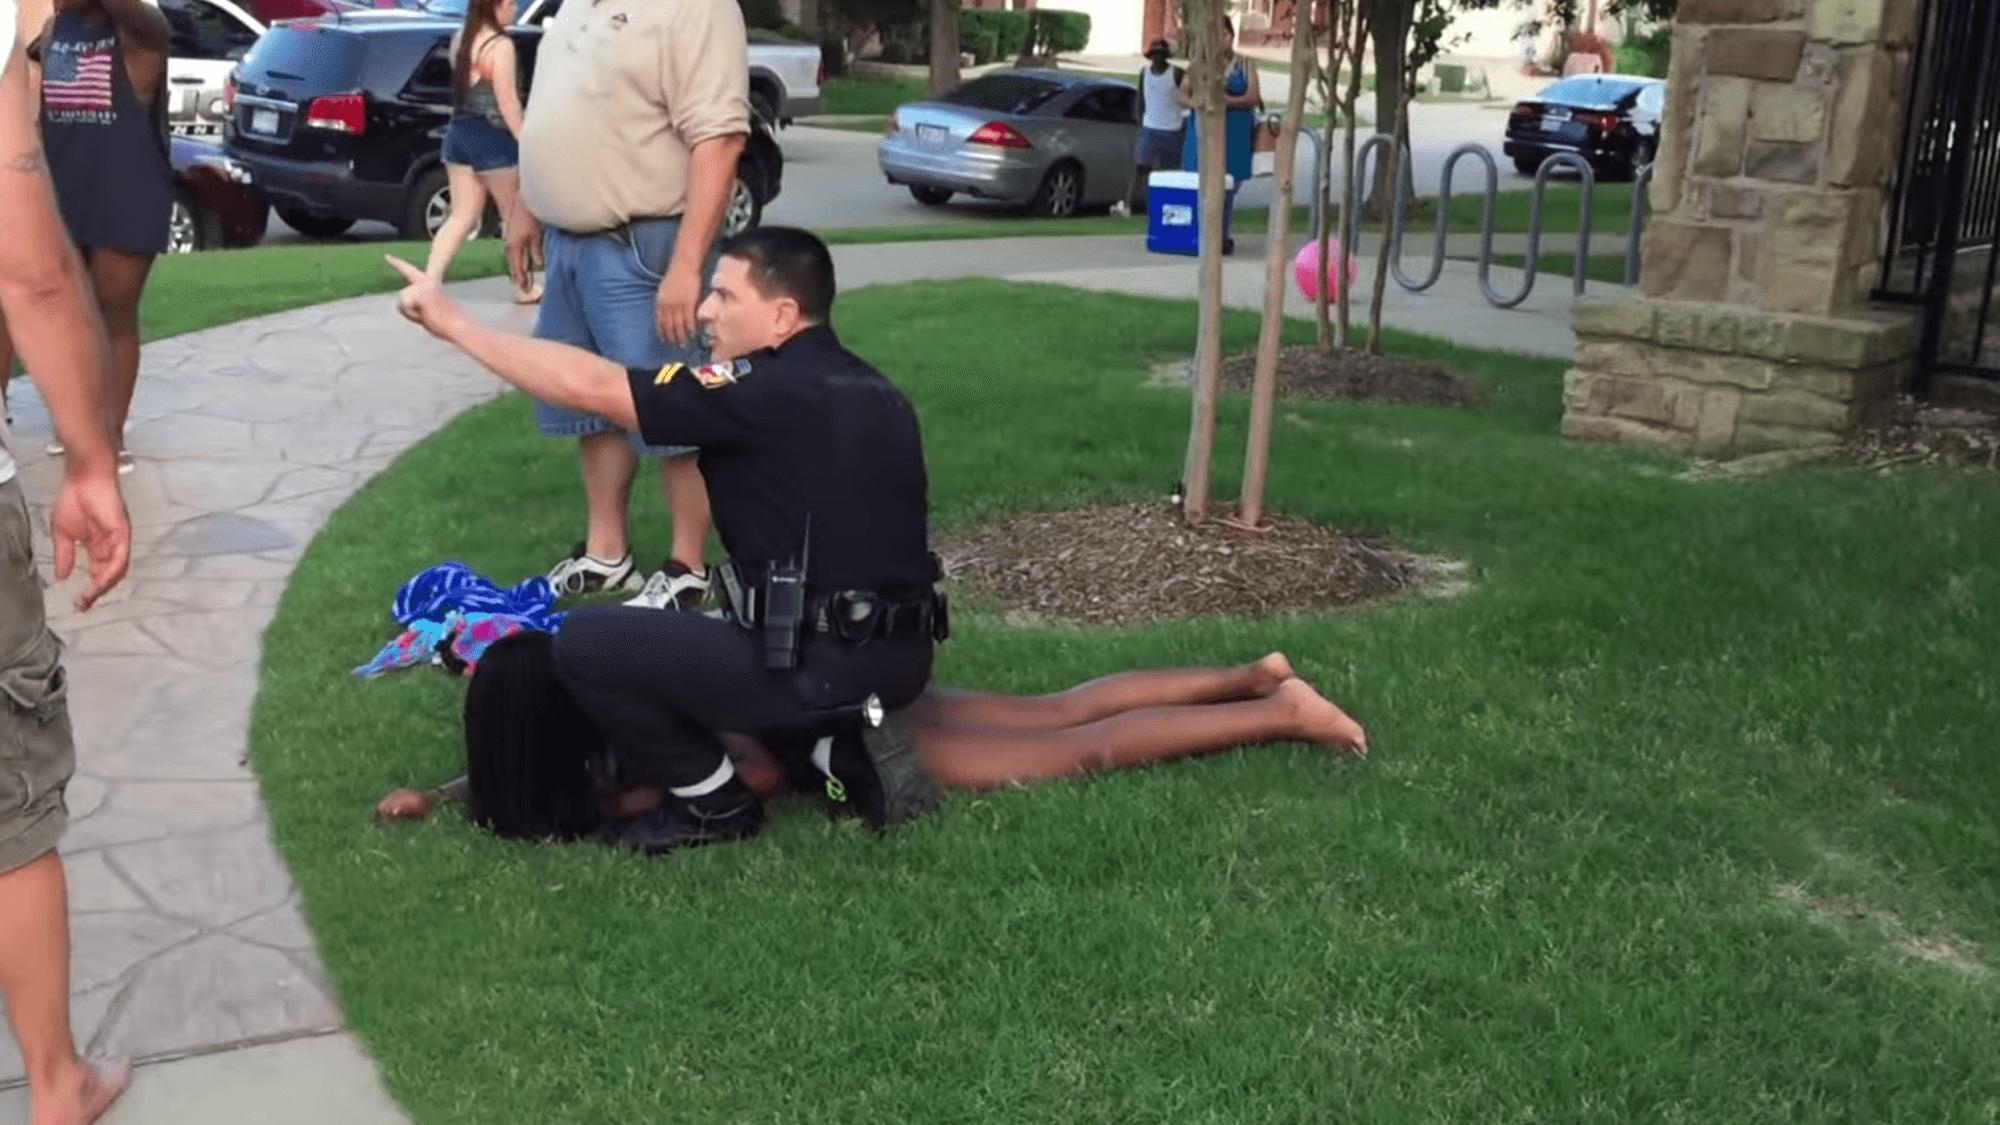 brittney griner ariana grande police black force 2015 images